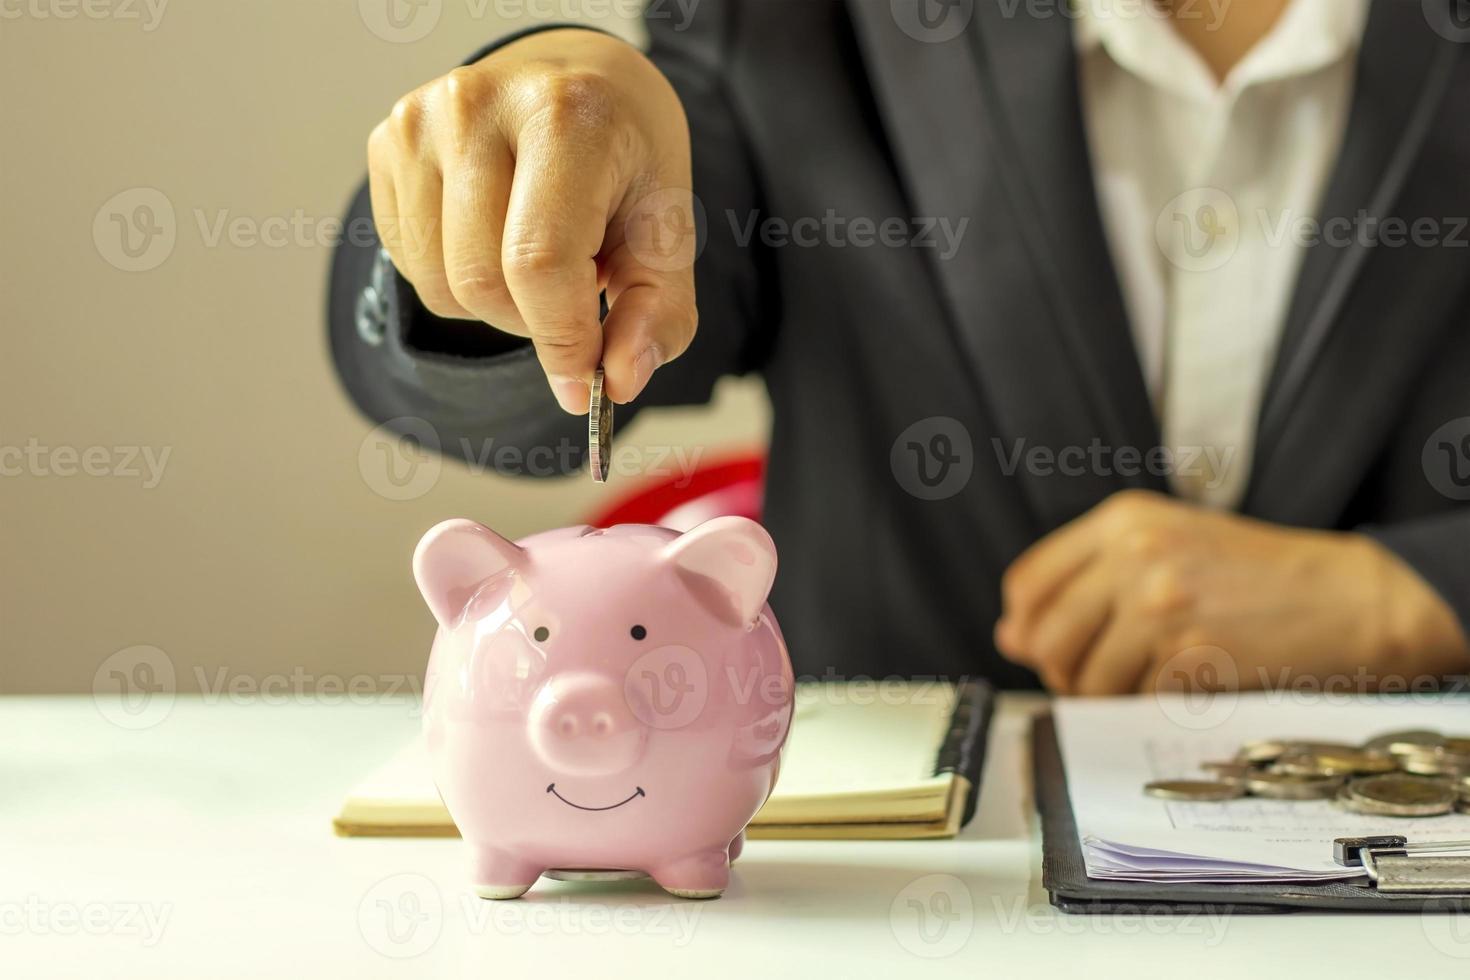 ideas de ahorro y finanzas. Los empresarios ponen monedas en una alcancía para ahorrar dinero y planificar sus finanzas. foto